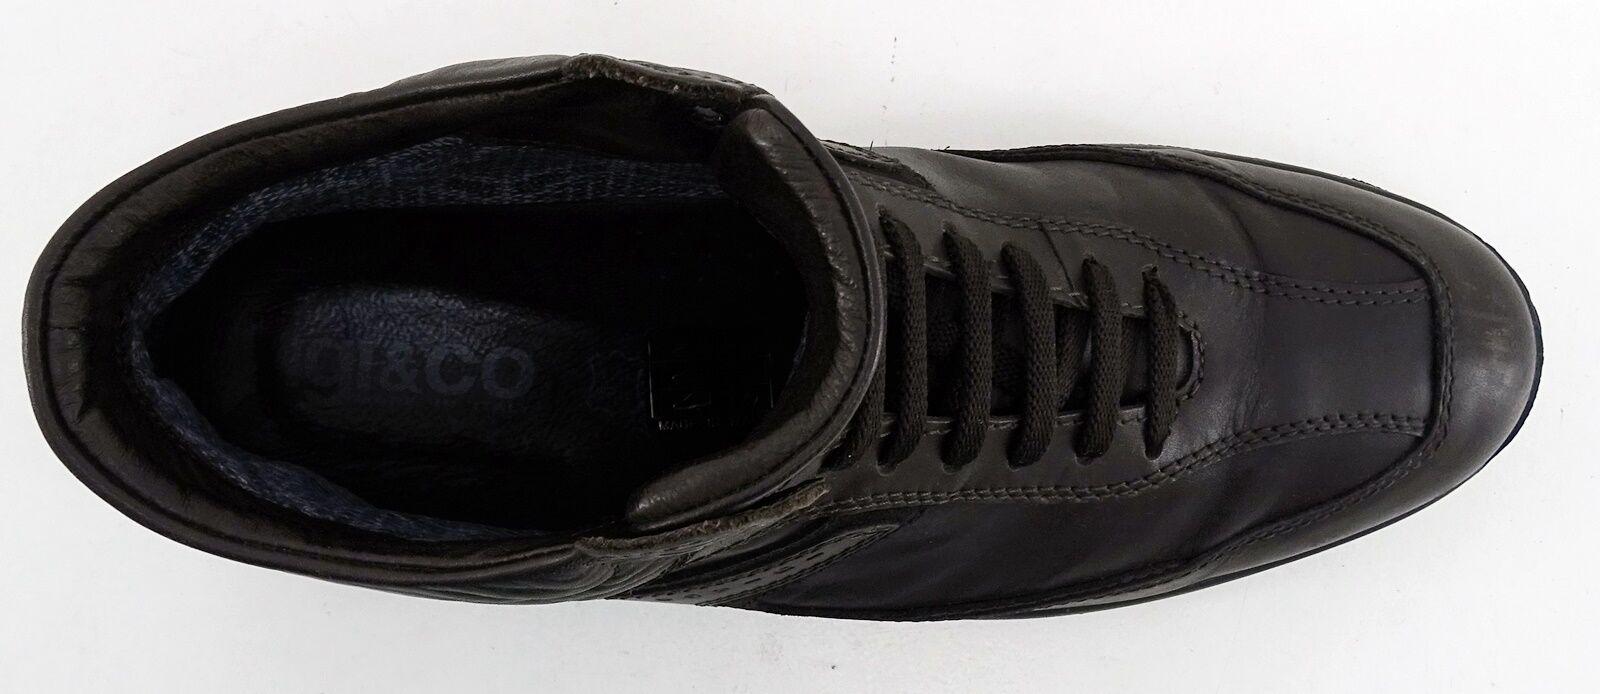 Stiefeletten Igi & Co Stiefel 46 Schnürer Echtleder braun Gr. 46 Stiefel 31e544